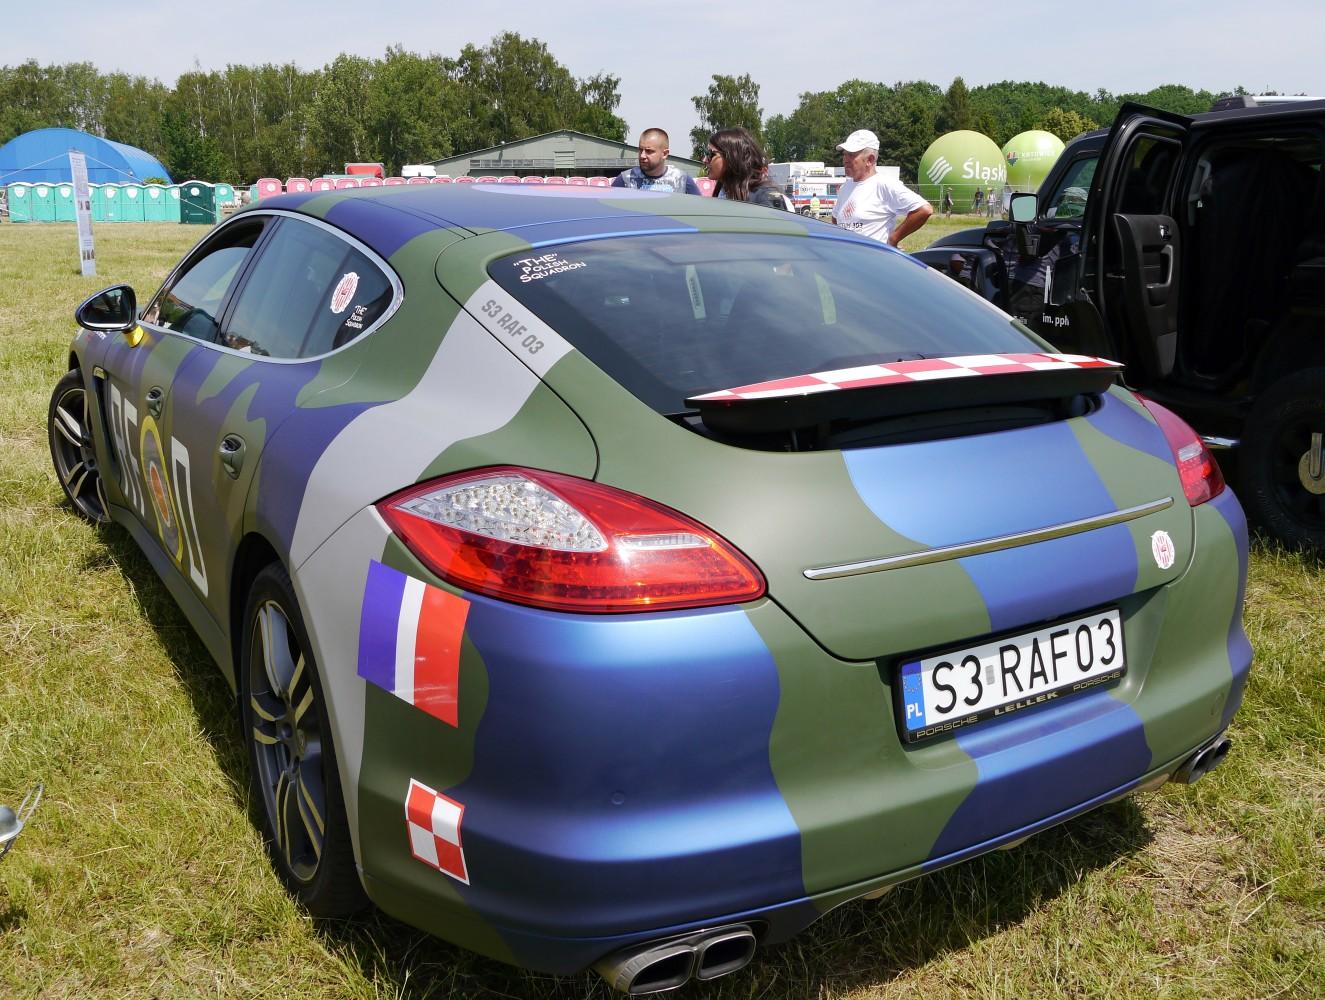 Kliknij obrazek, aby uzyskać większą wersję  Nazwa:Porsche Panamera.jpg Wyświetleń:19 Rozmiar:382,5 KB ID:222994